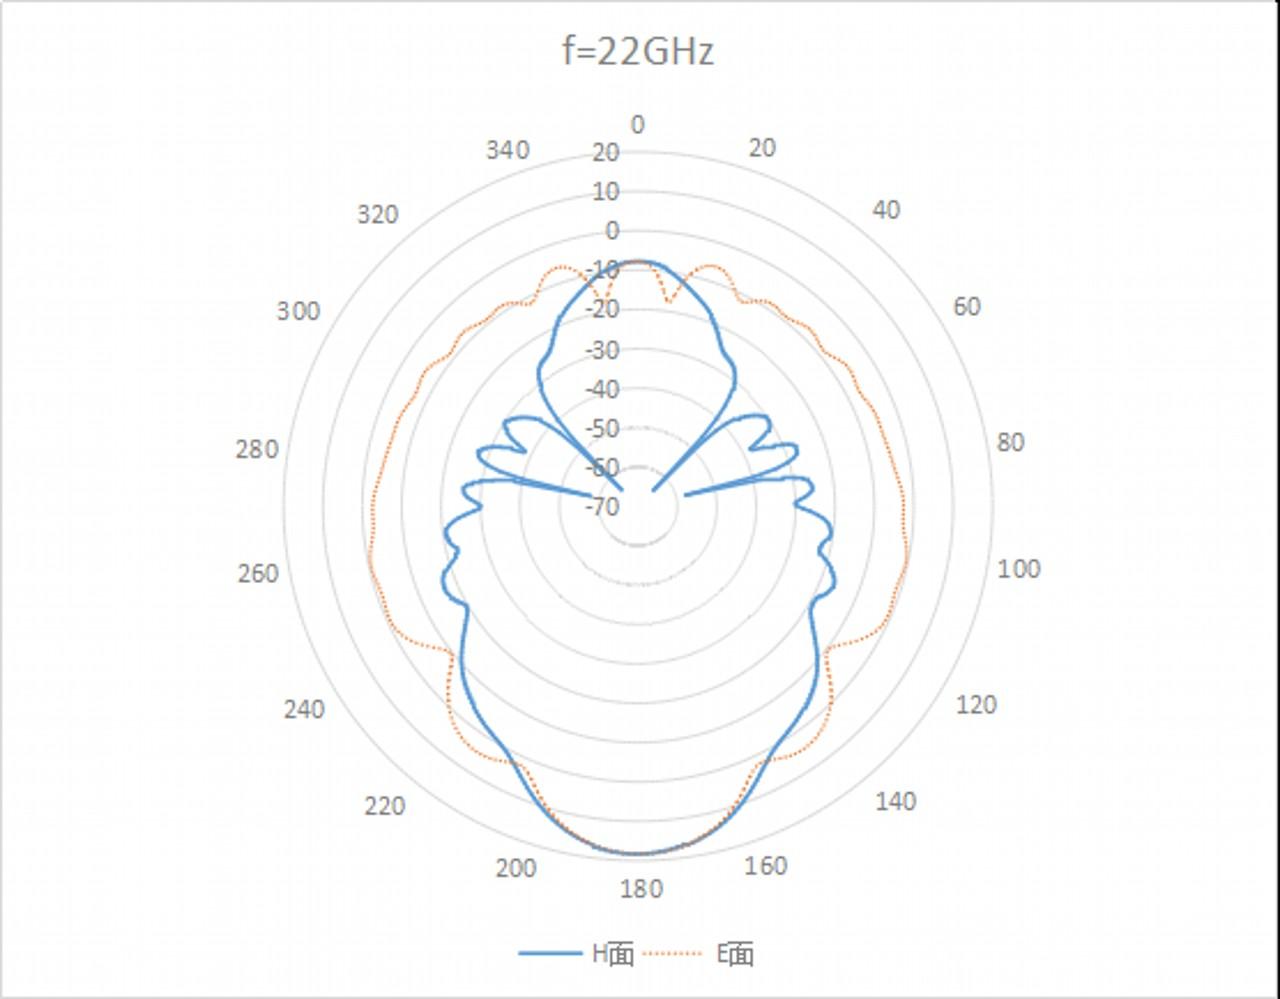 WR-51 Waveguide - 15GHz - 22GHz - Standard Gain Horn Antenna 2